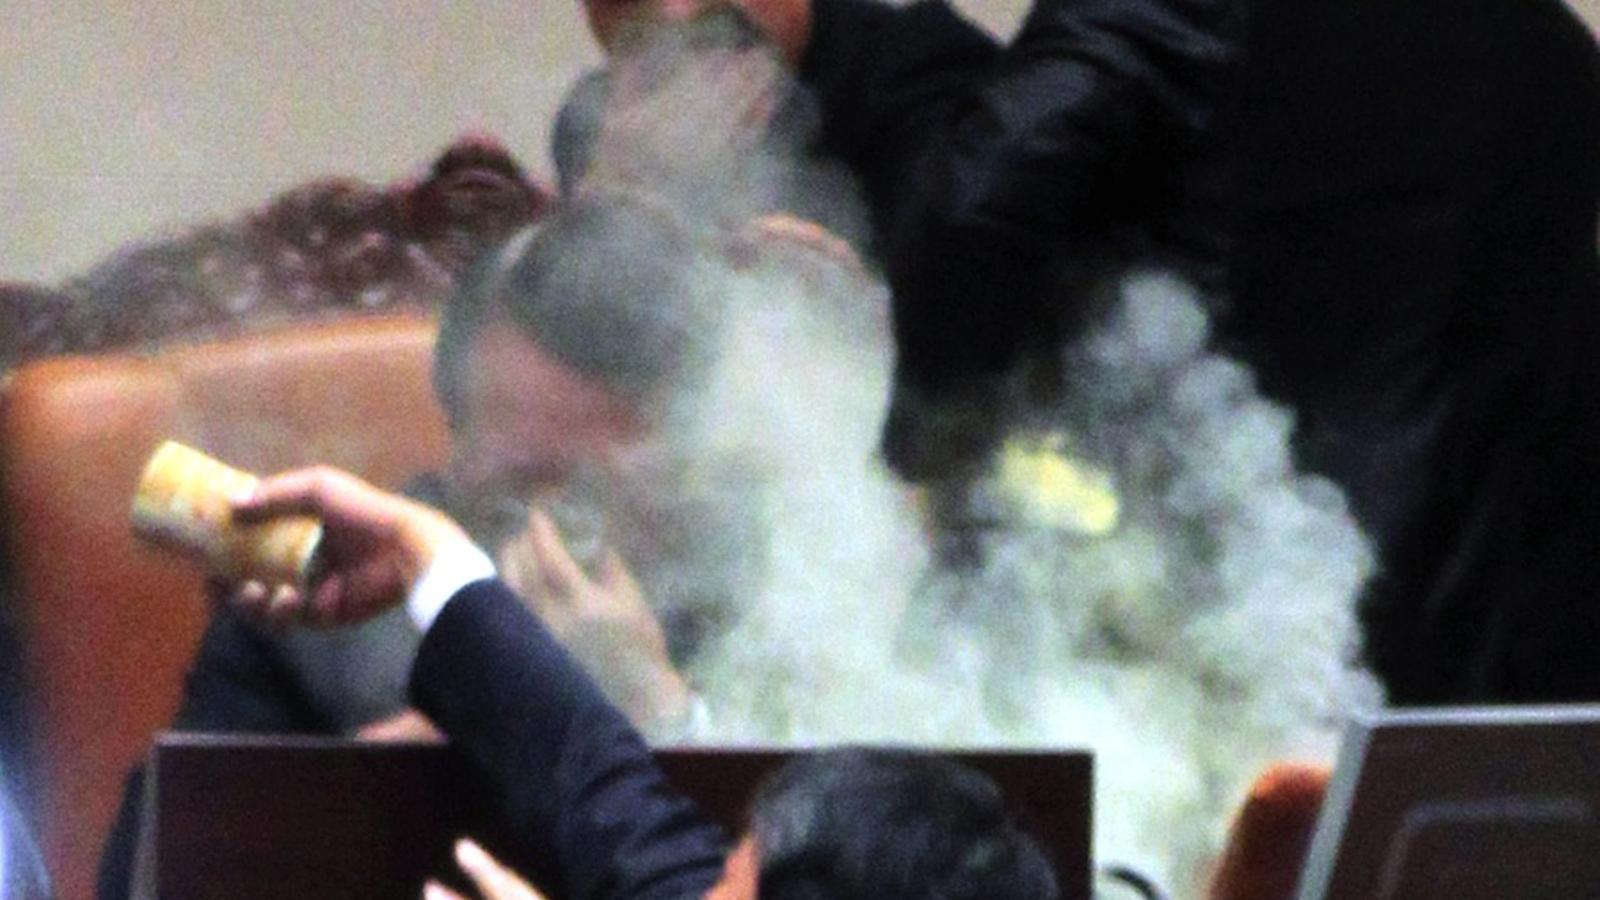 Enfrontaments i gasos lacrimògens al Parlament de Corea del Sud